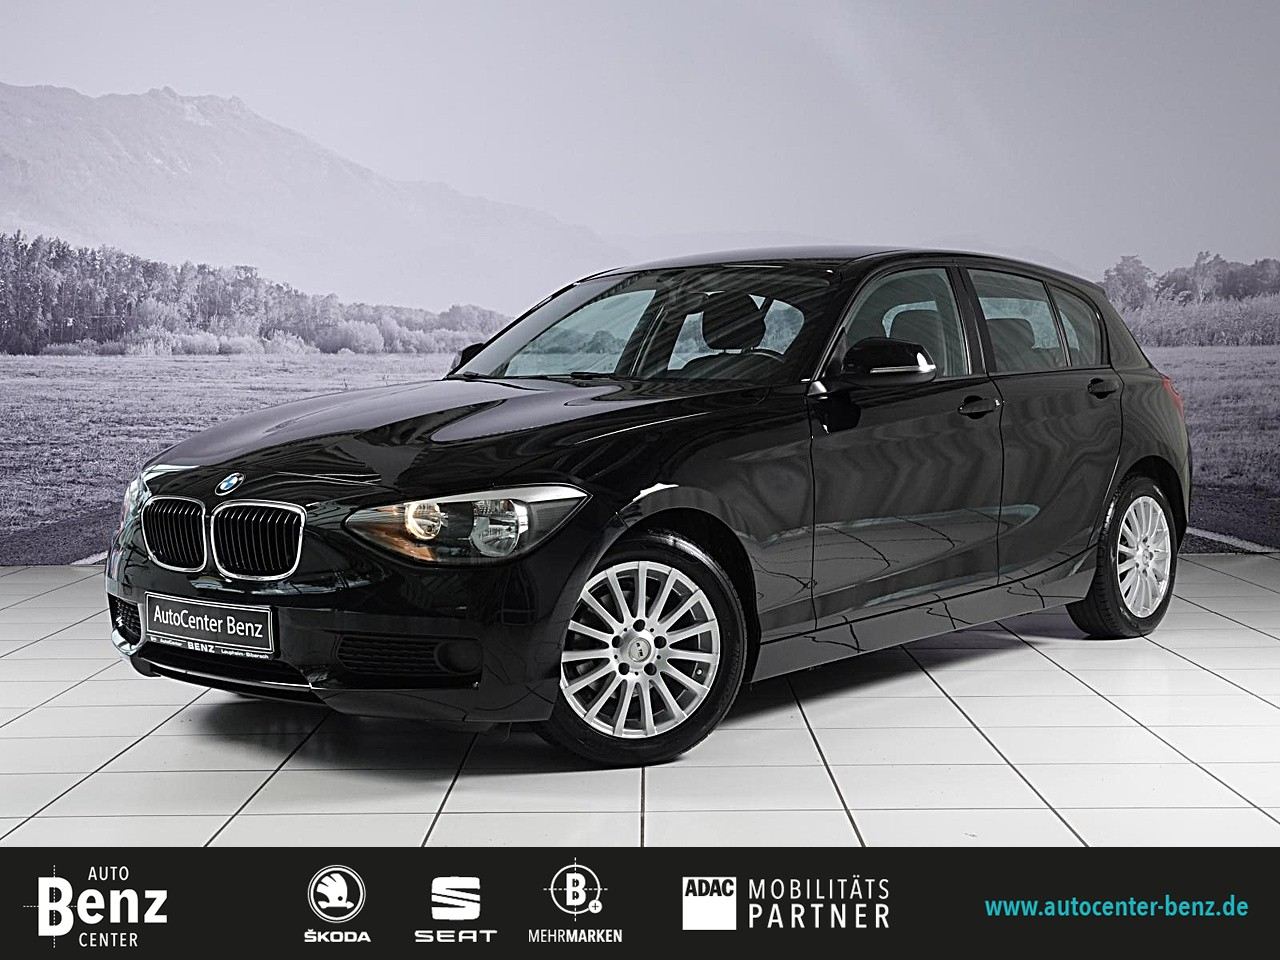 BMW 114i *CD*AHK*KLIMA*8-FACH*EL FH*AUX*START-STOP!*, Jahr 2014, Benzin